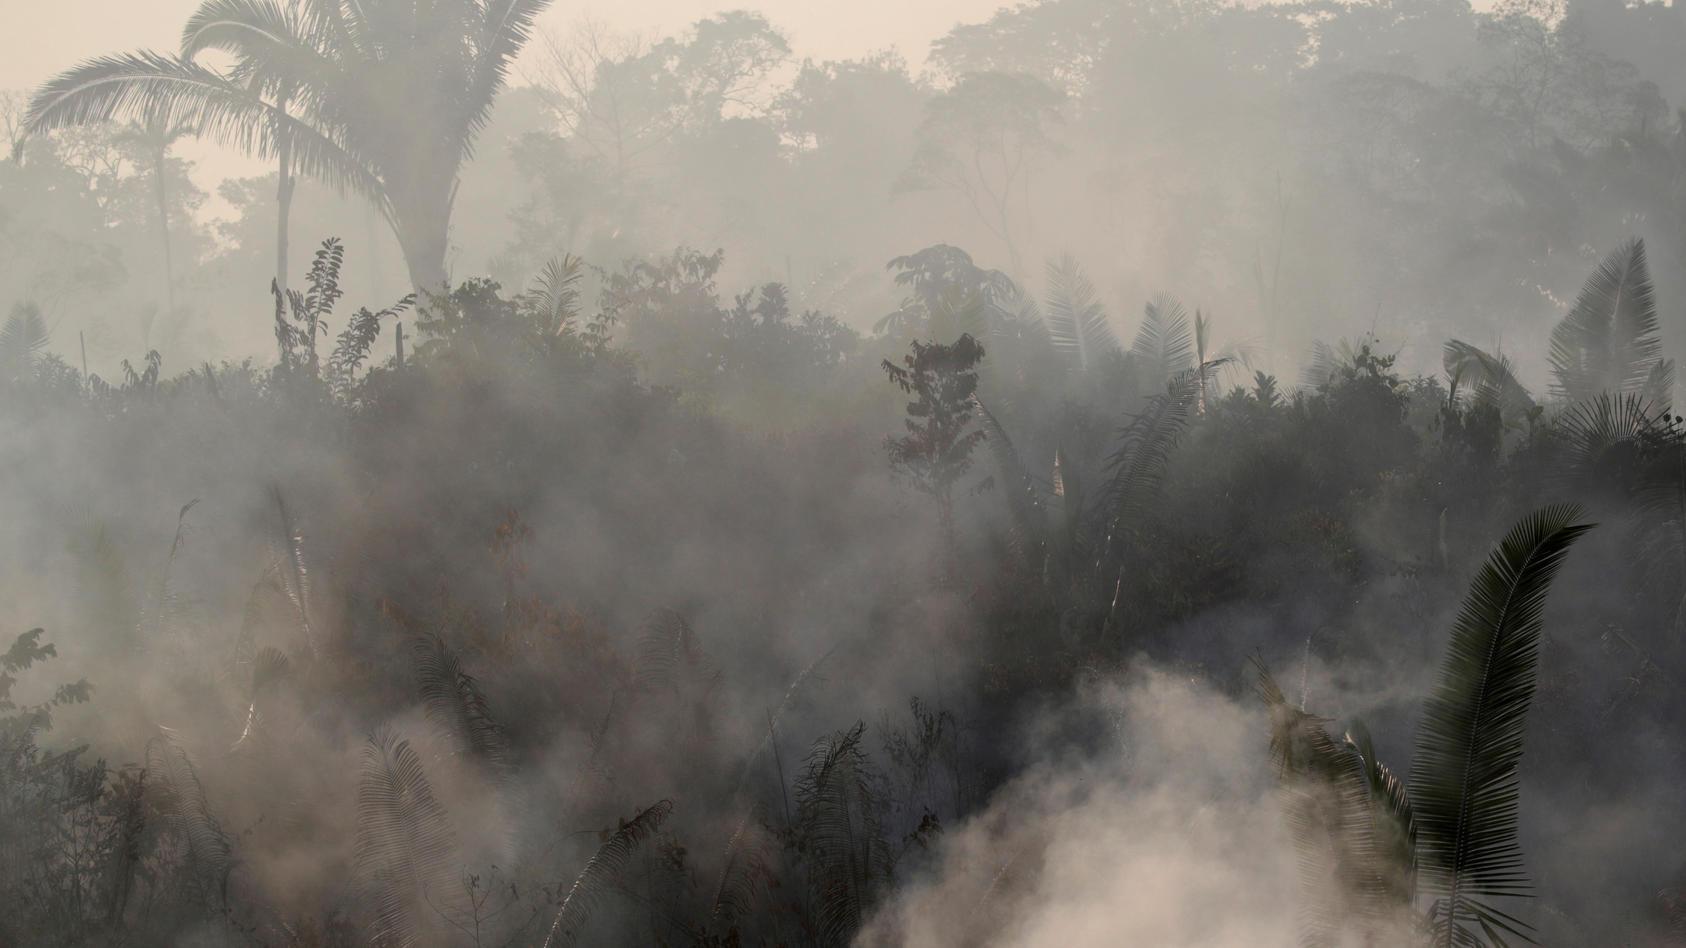 Die grüne Lunge unserer Erde brennt.